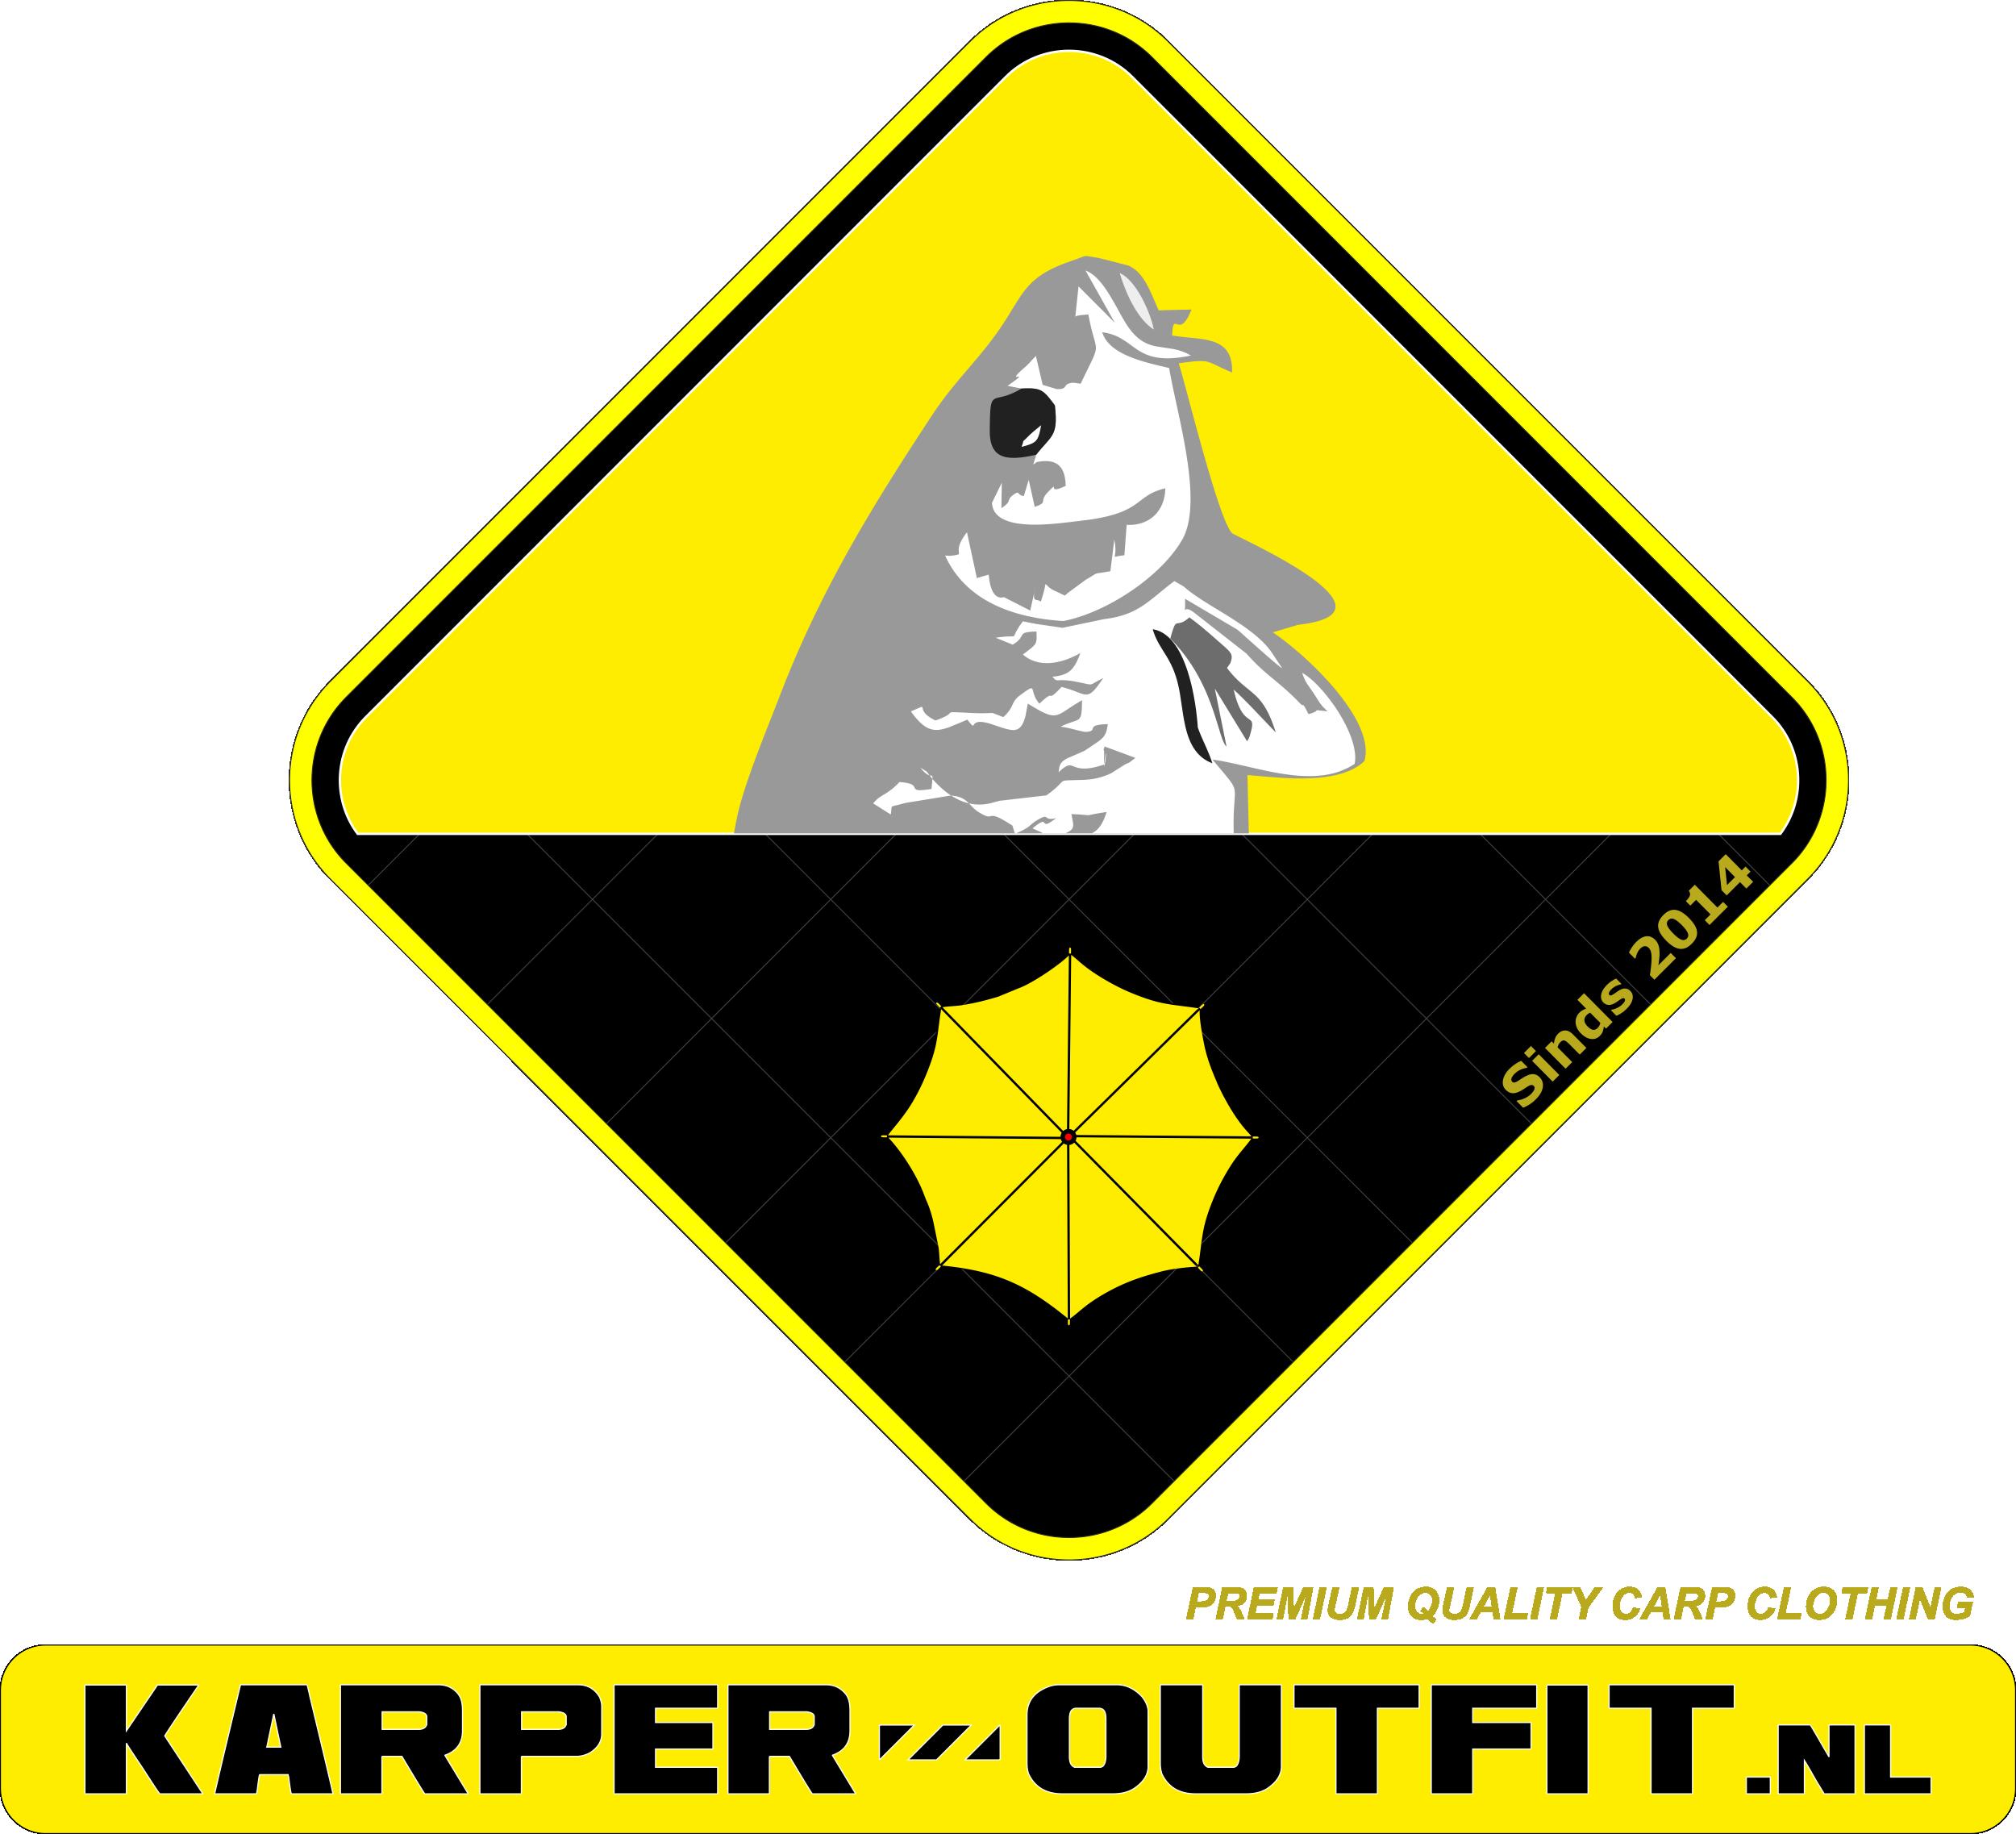 Karper Outfit